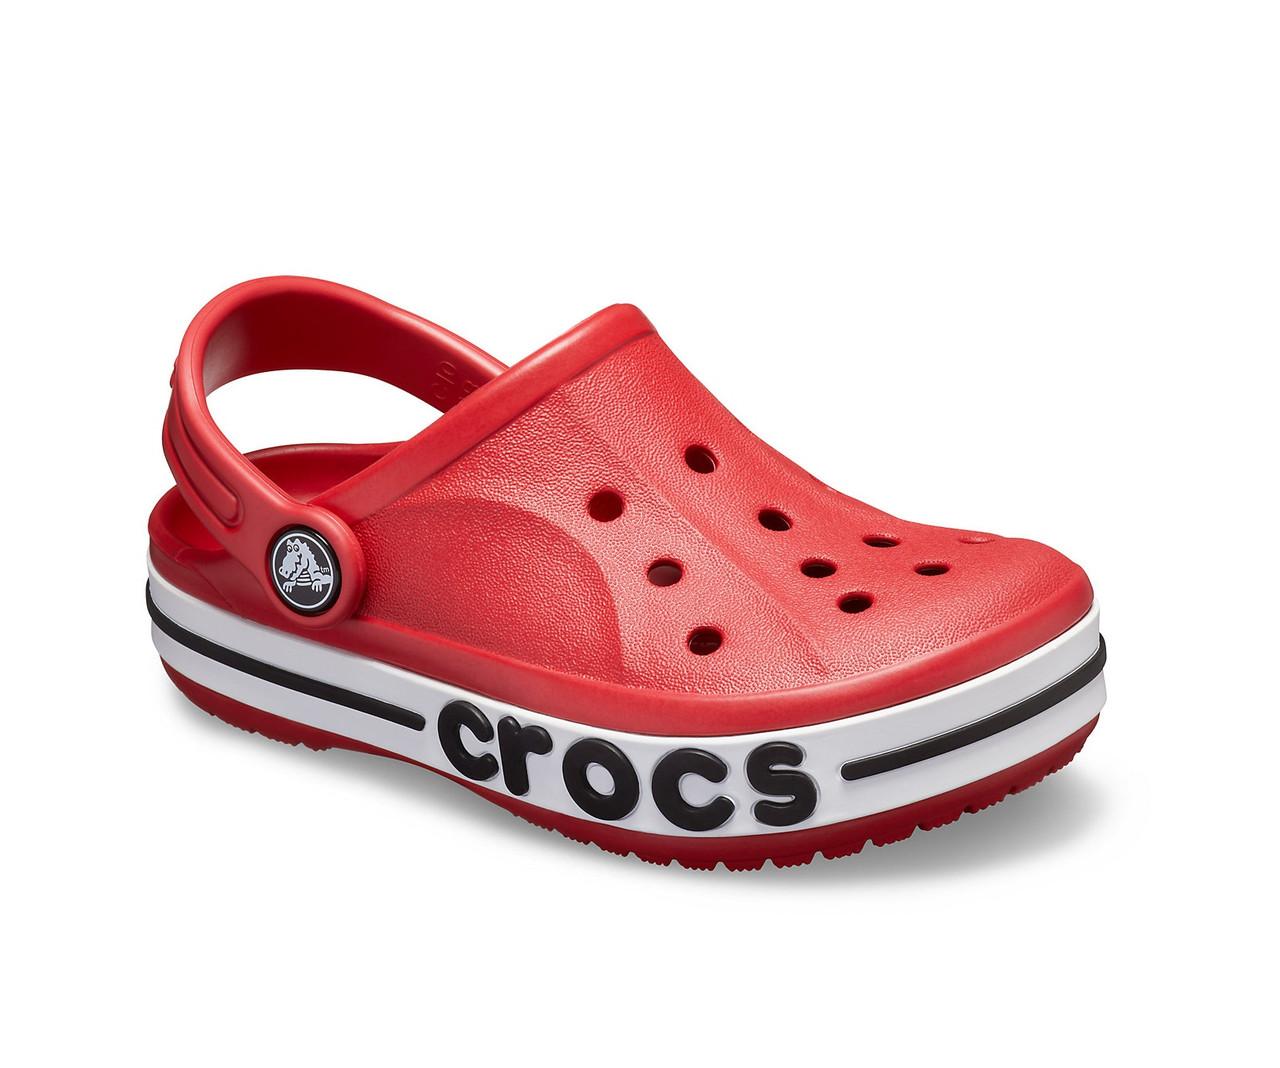 CROCS Kids' Bayaband Clog Pepper Детские Кроксы Сабо